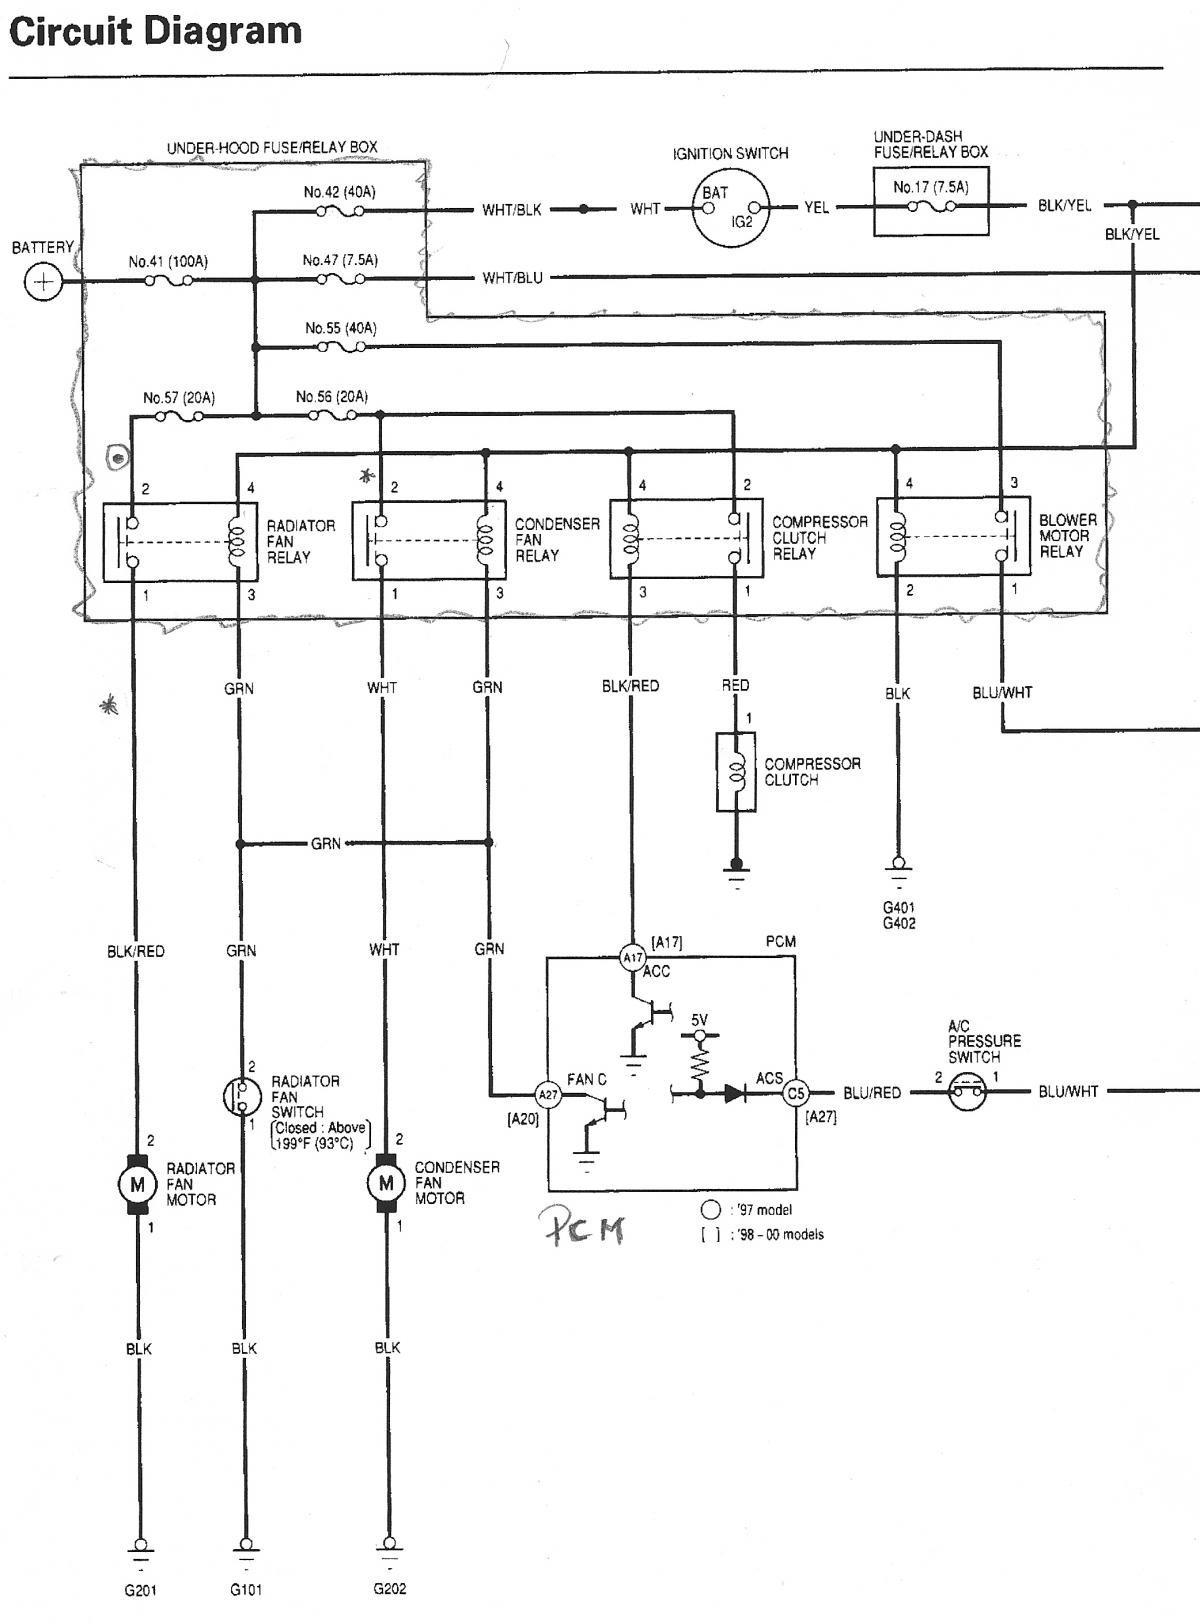 2004 Honda Crv Engine Diagram 2004 Honda Crv Engine Diagram 2001 Honda Cr V Starting Diagram Of 2004 Honda Crv Engine Diagram